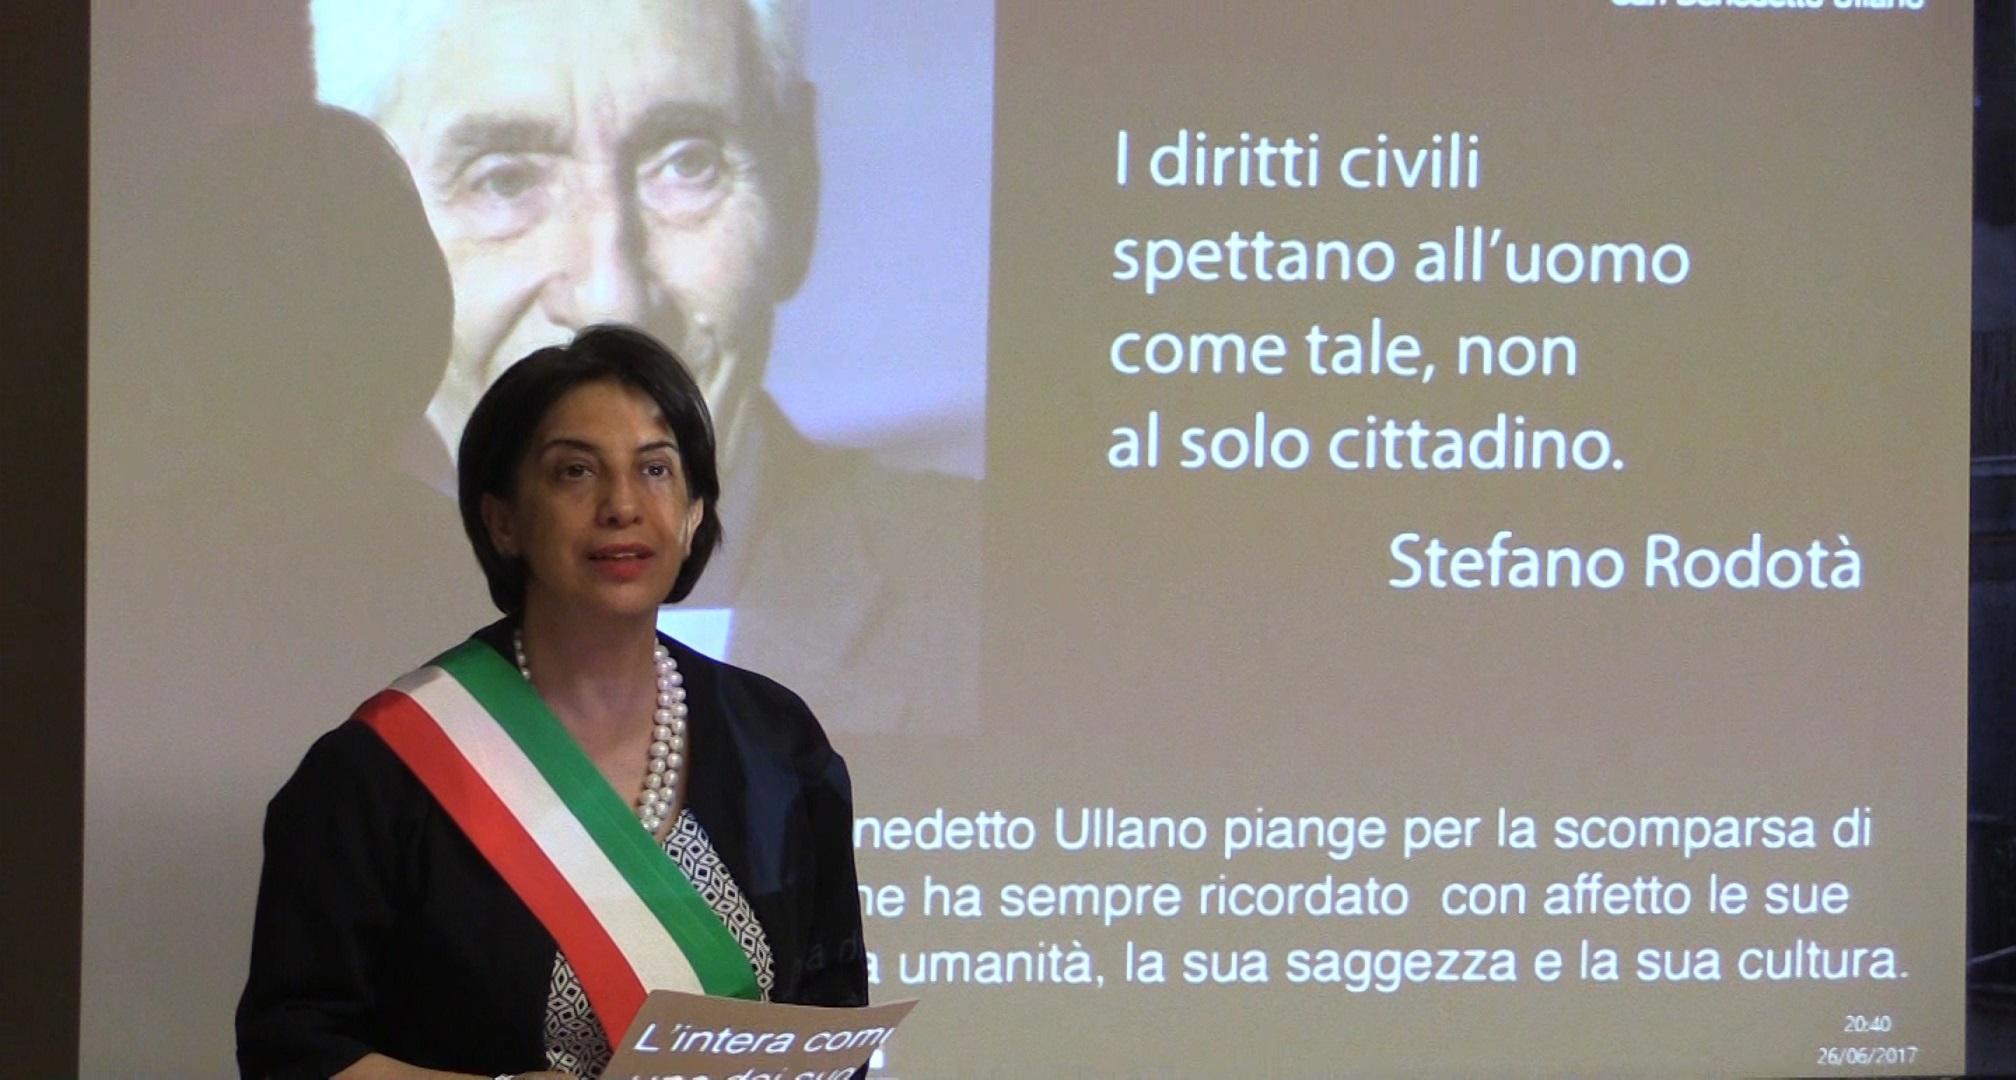 VIDEO - Morte di Stefano Rodotà, l'omaggio di San Benedetto Ullano